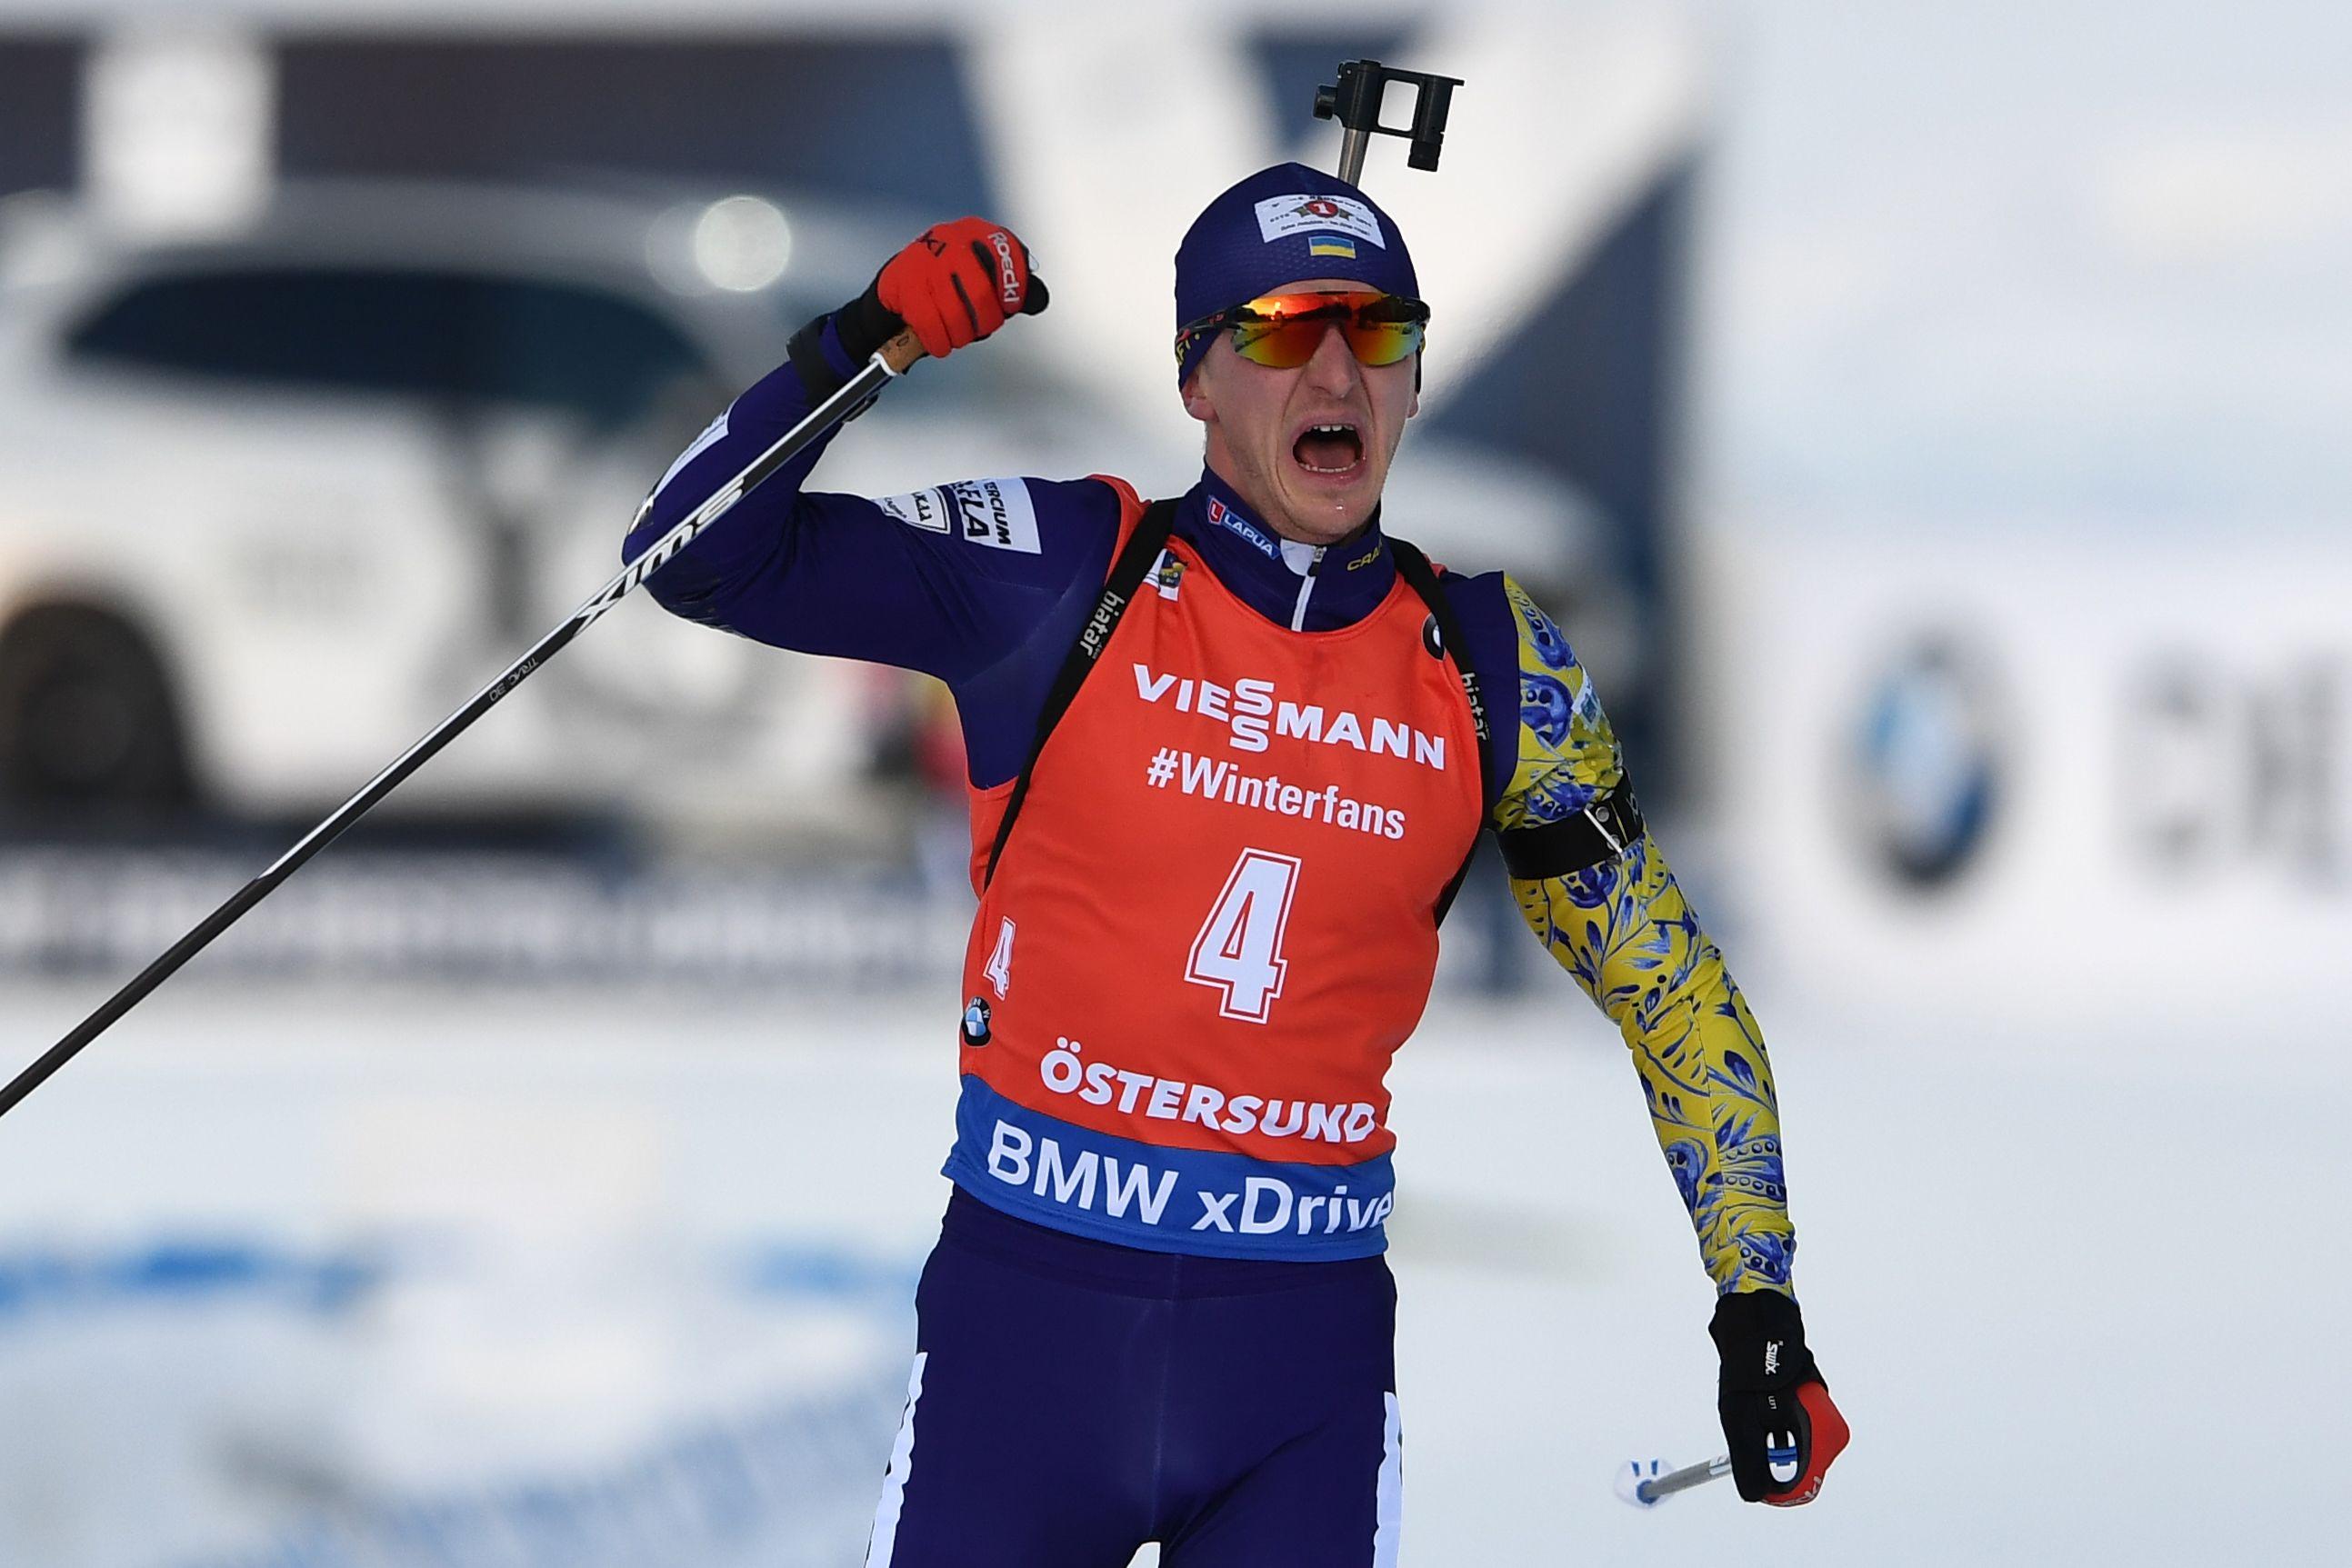 Sports d'hiver - La surprise Pidruchnyi, Fillon-Maillet double la mise en bronze